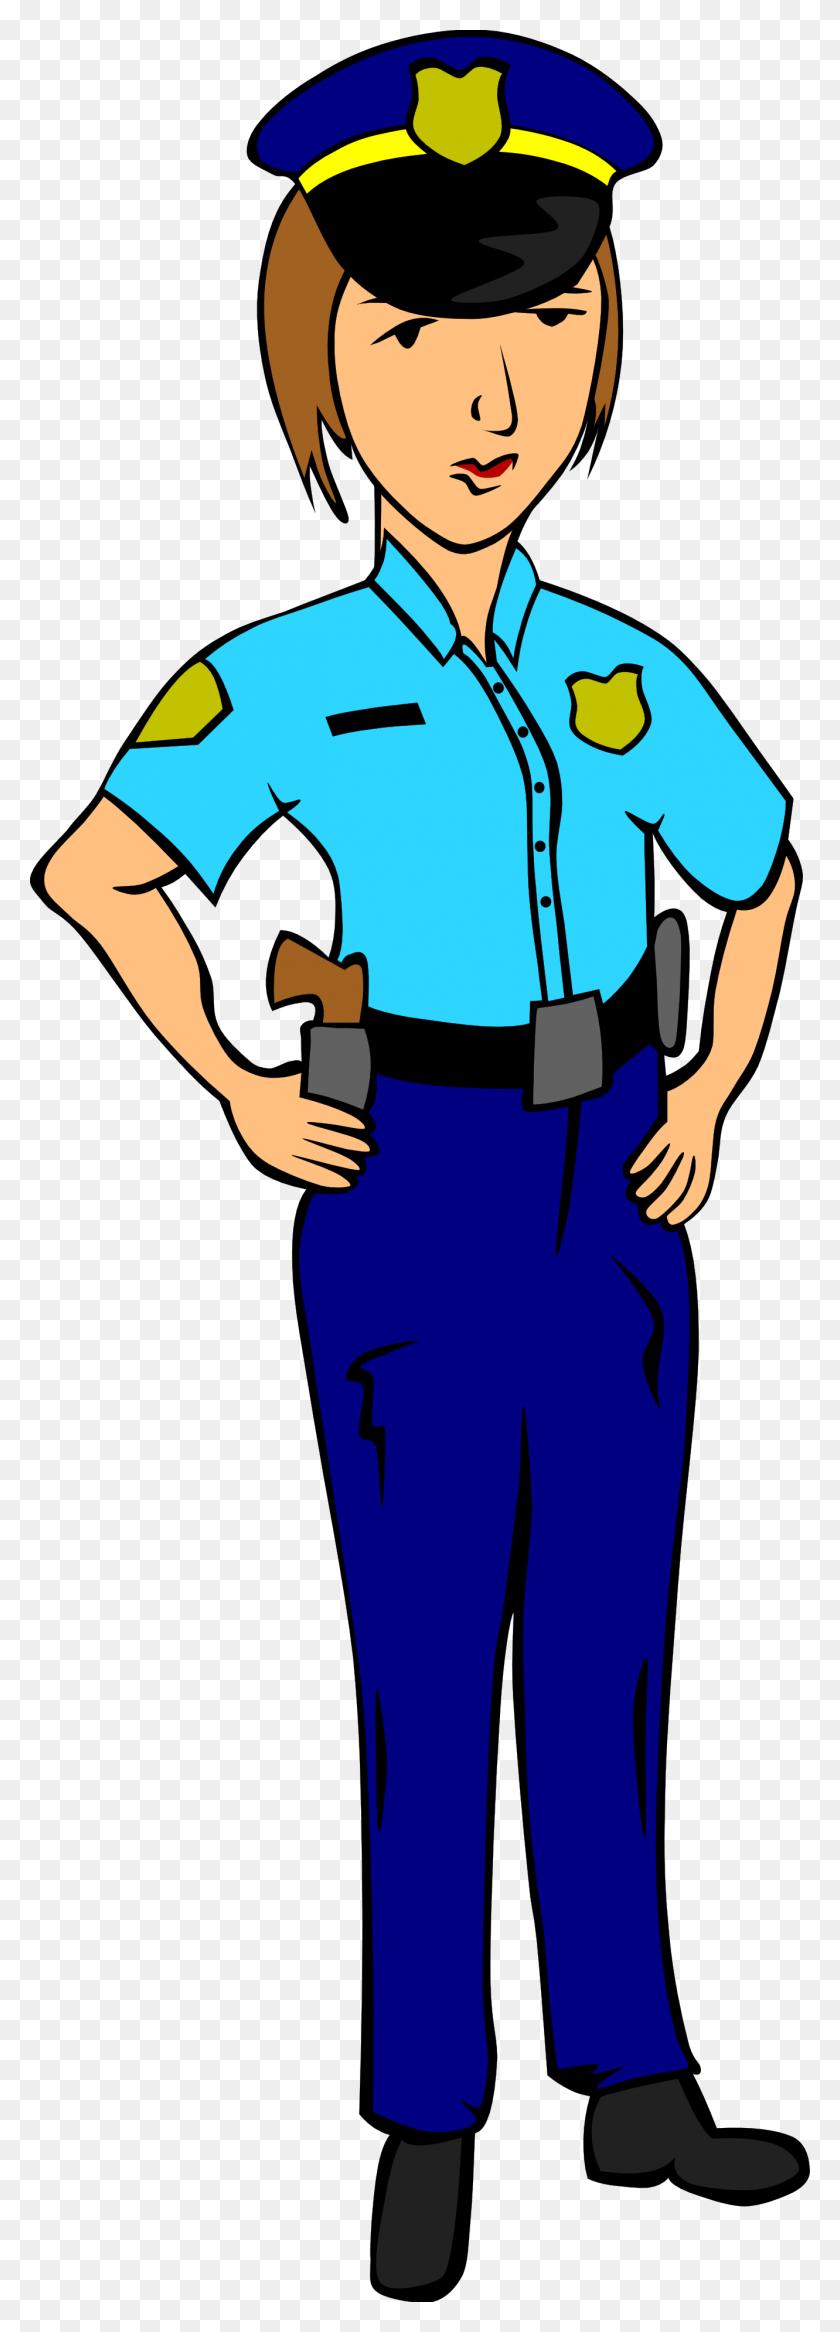 Clip art Inspector Gadget Grafiken, Kostenlose Inhalte - cartoon Inspektor  clouseau png herunterladen - 850*1100 - Kostenlos transparent Cartoon png  Herunterladen.